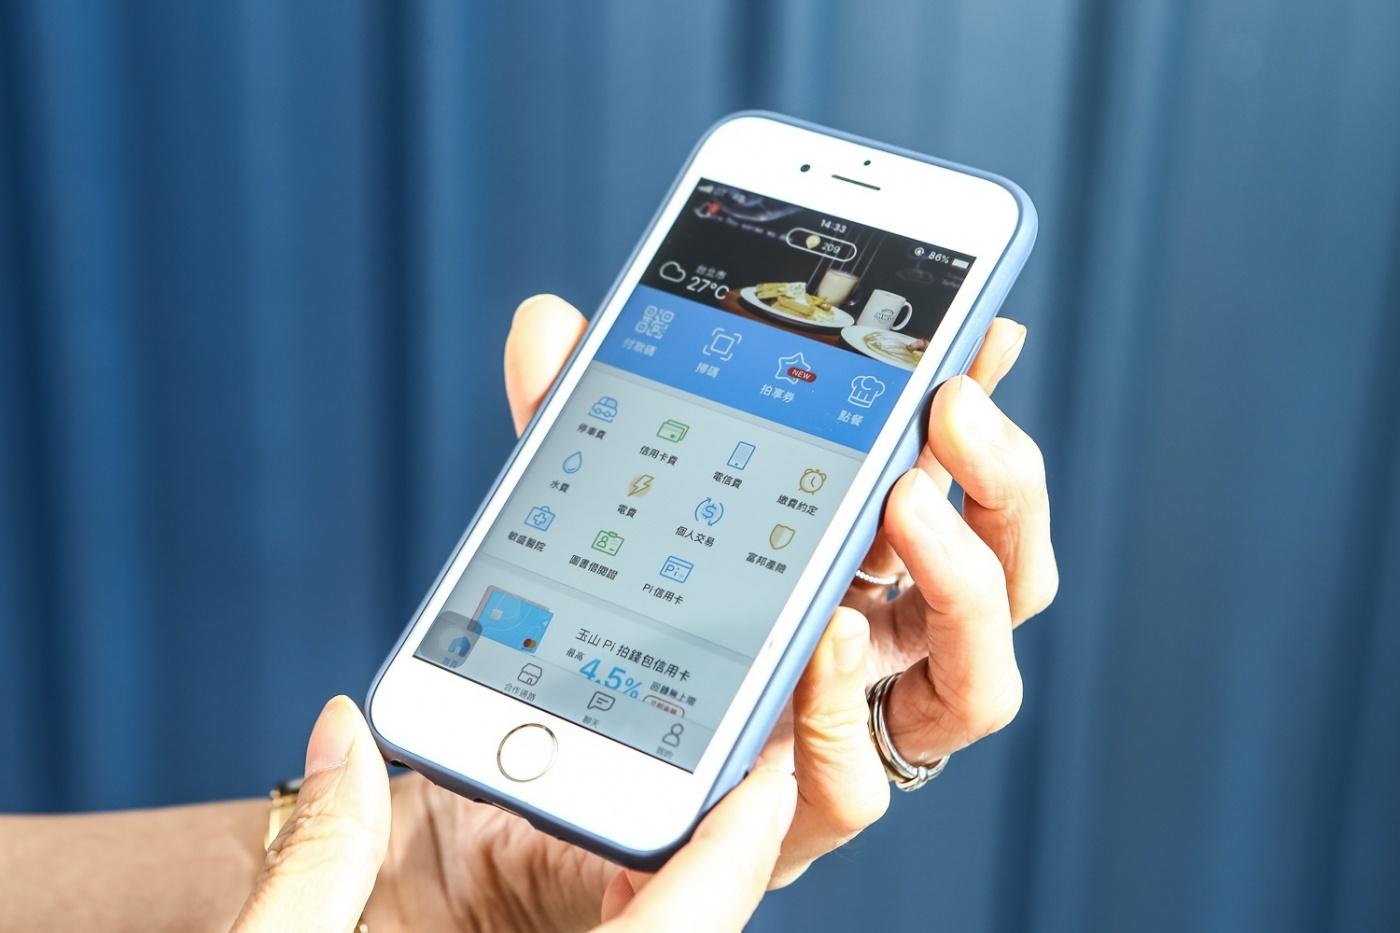 App一鍵搞定貸款需求,Pi錢包攜手玉山推「拍享貸」服務